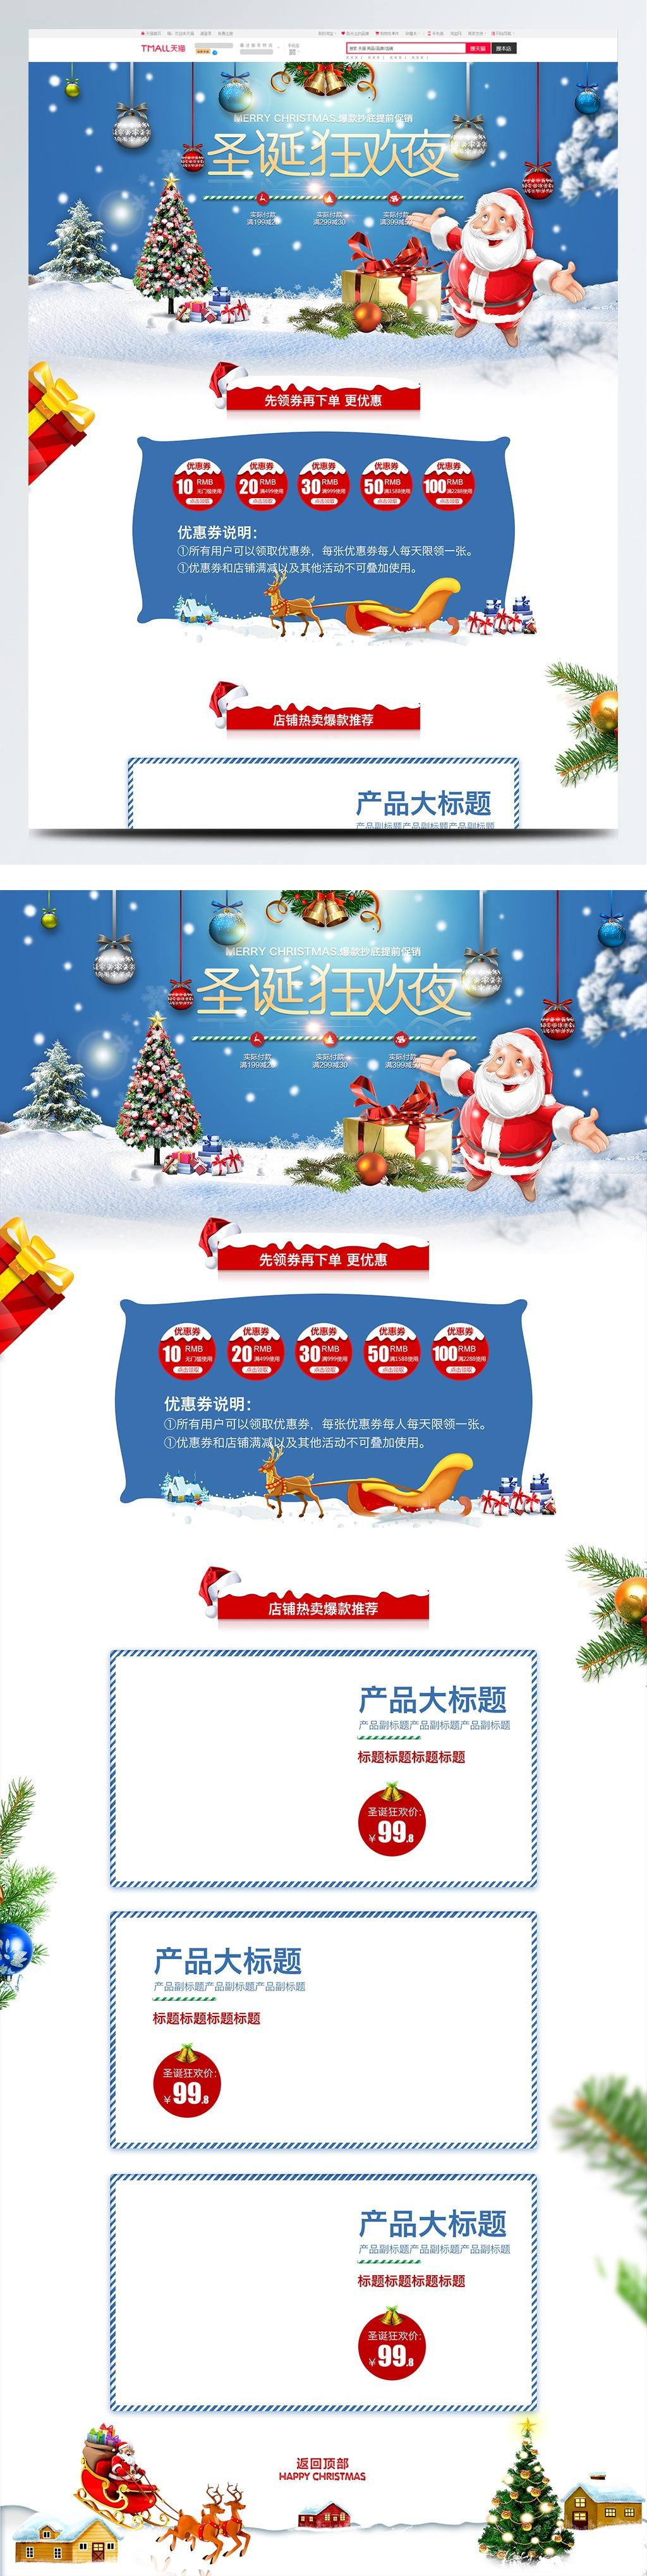 圣诞狂欢夜首页圣诞节活动页蓝色背景圣诞树